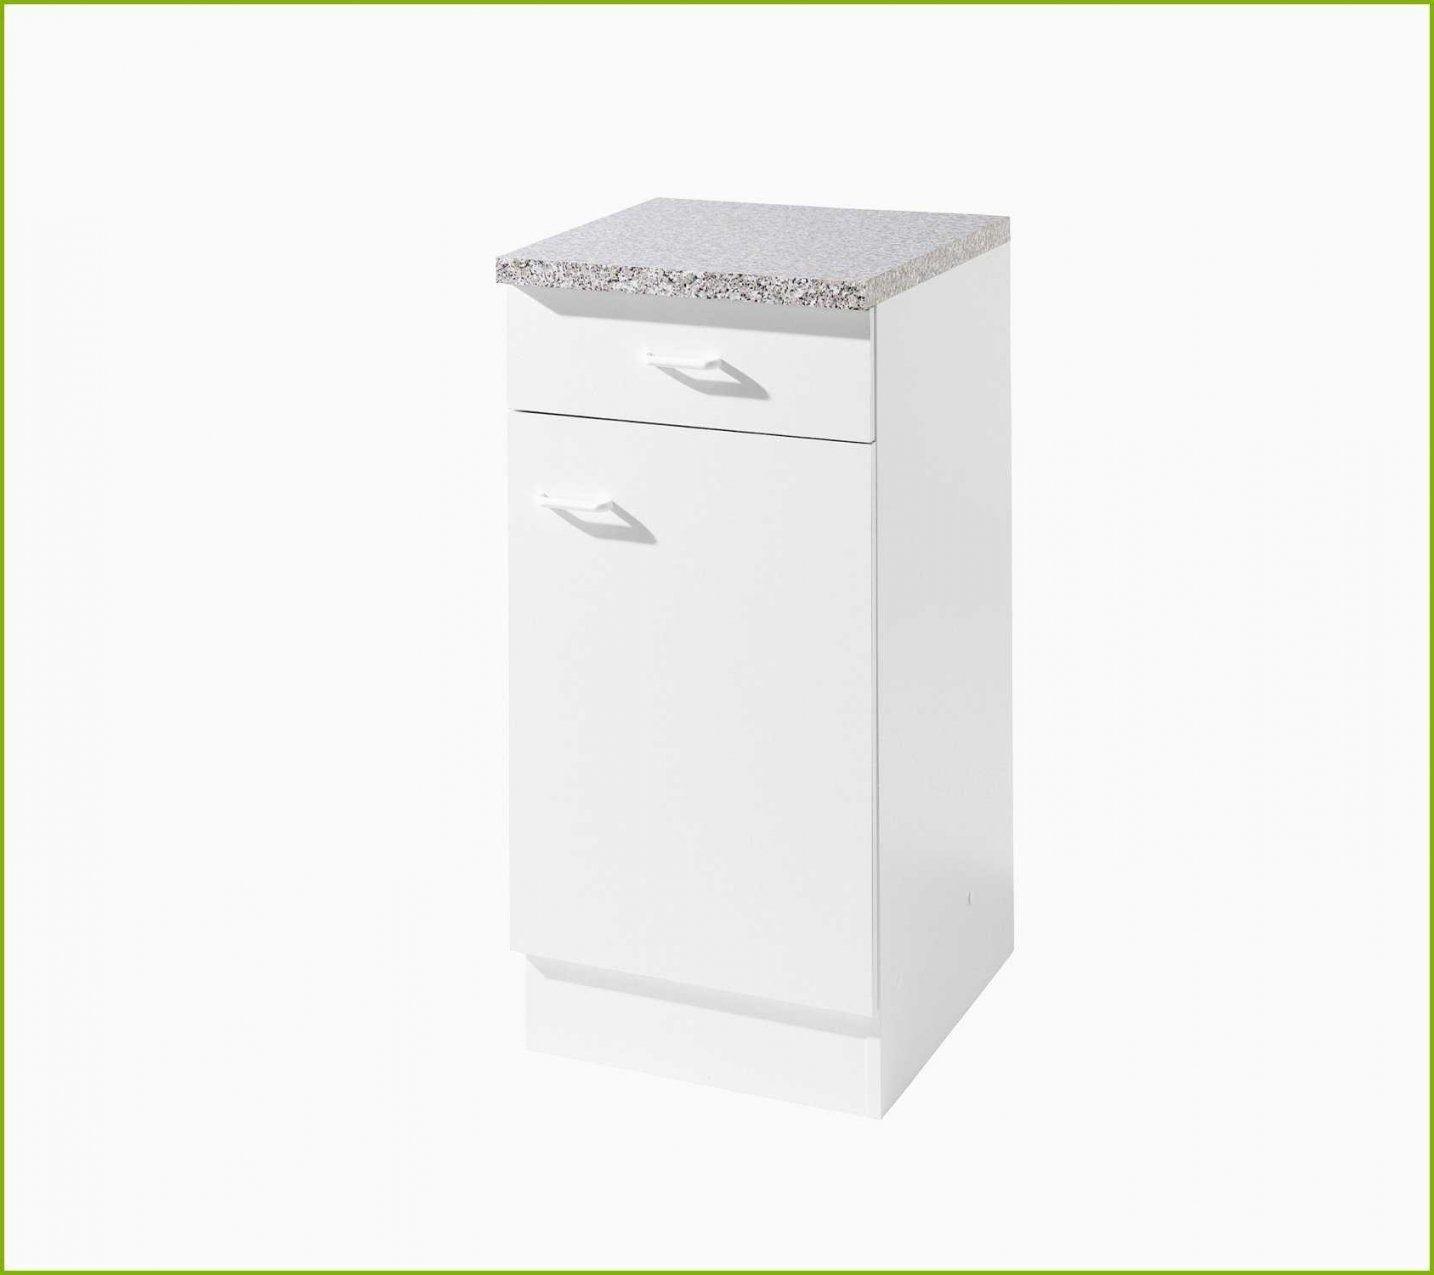 Arbeitsplatte Breite 70 Luxus Unterschrank Küche 40 Cm Breit von Küchenarbeitsplatte 70 Cm Breit Bild